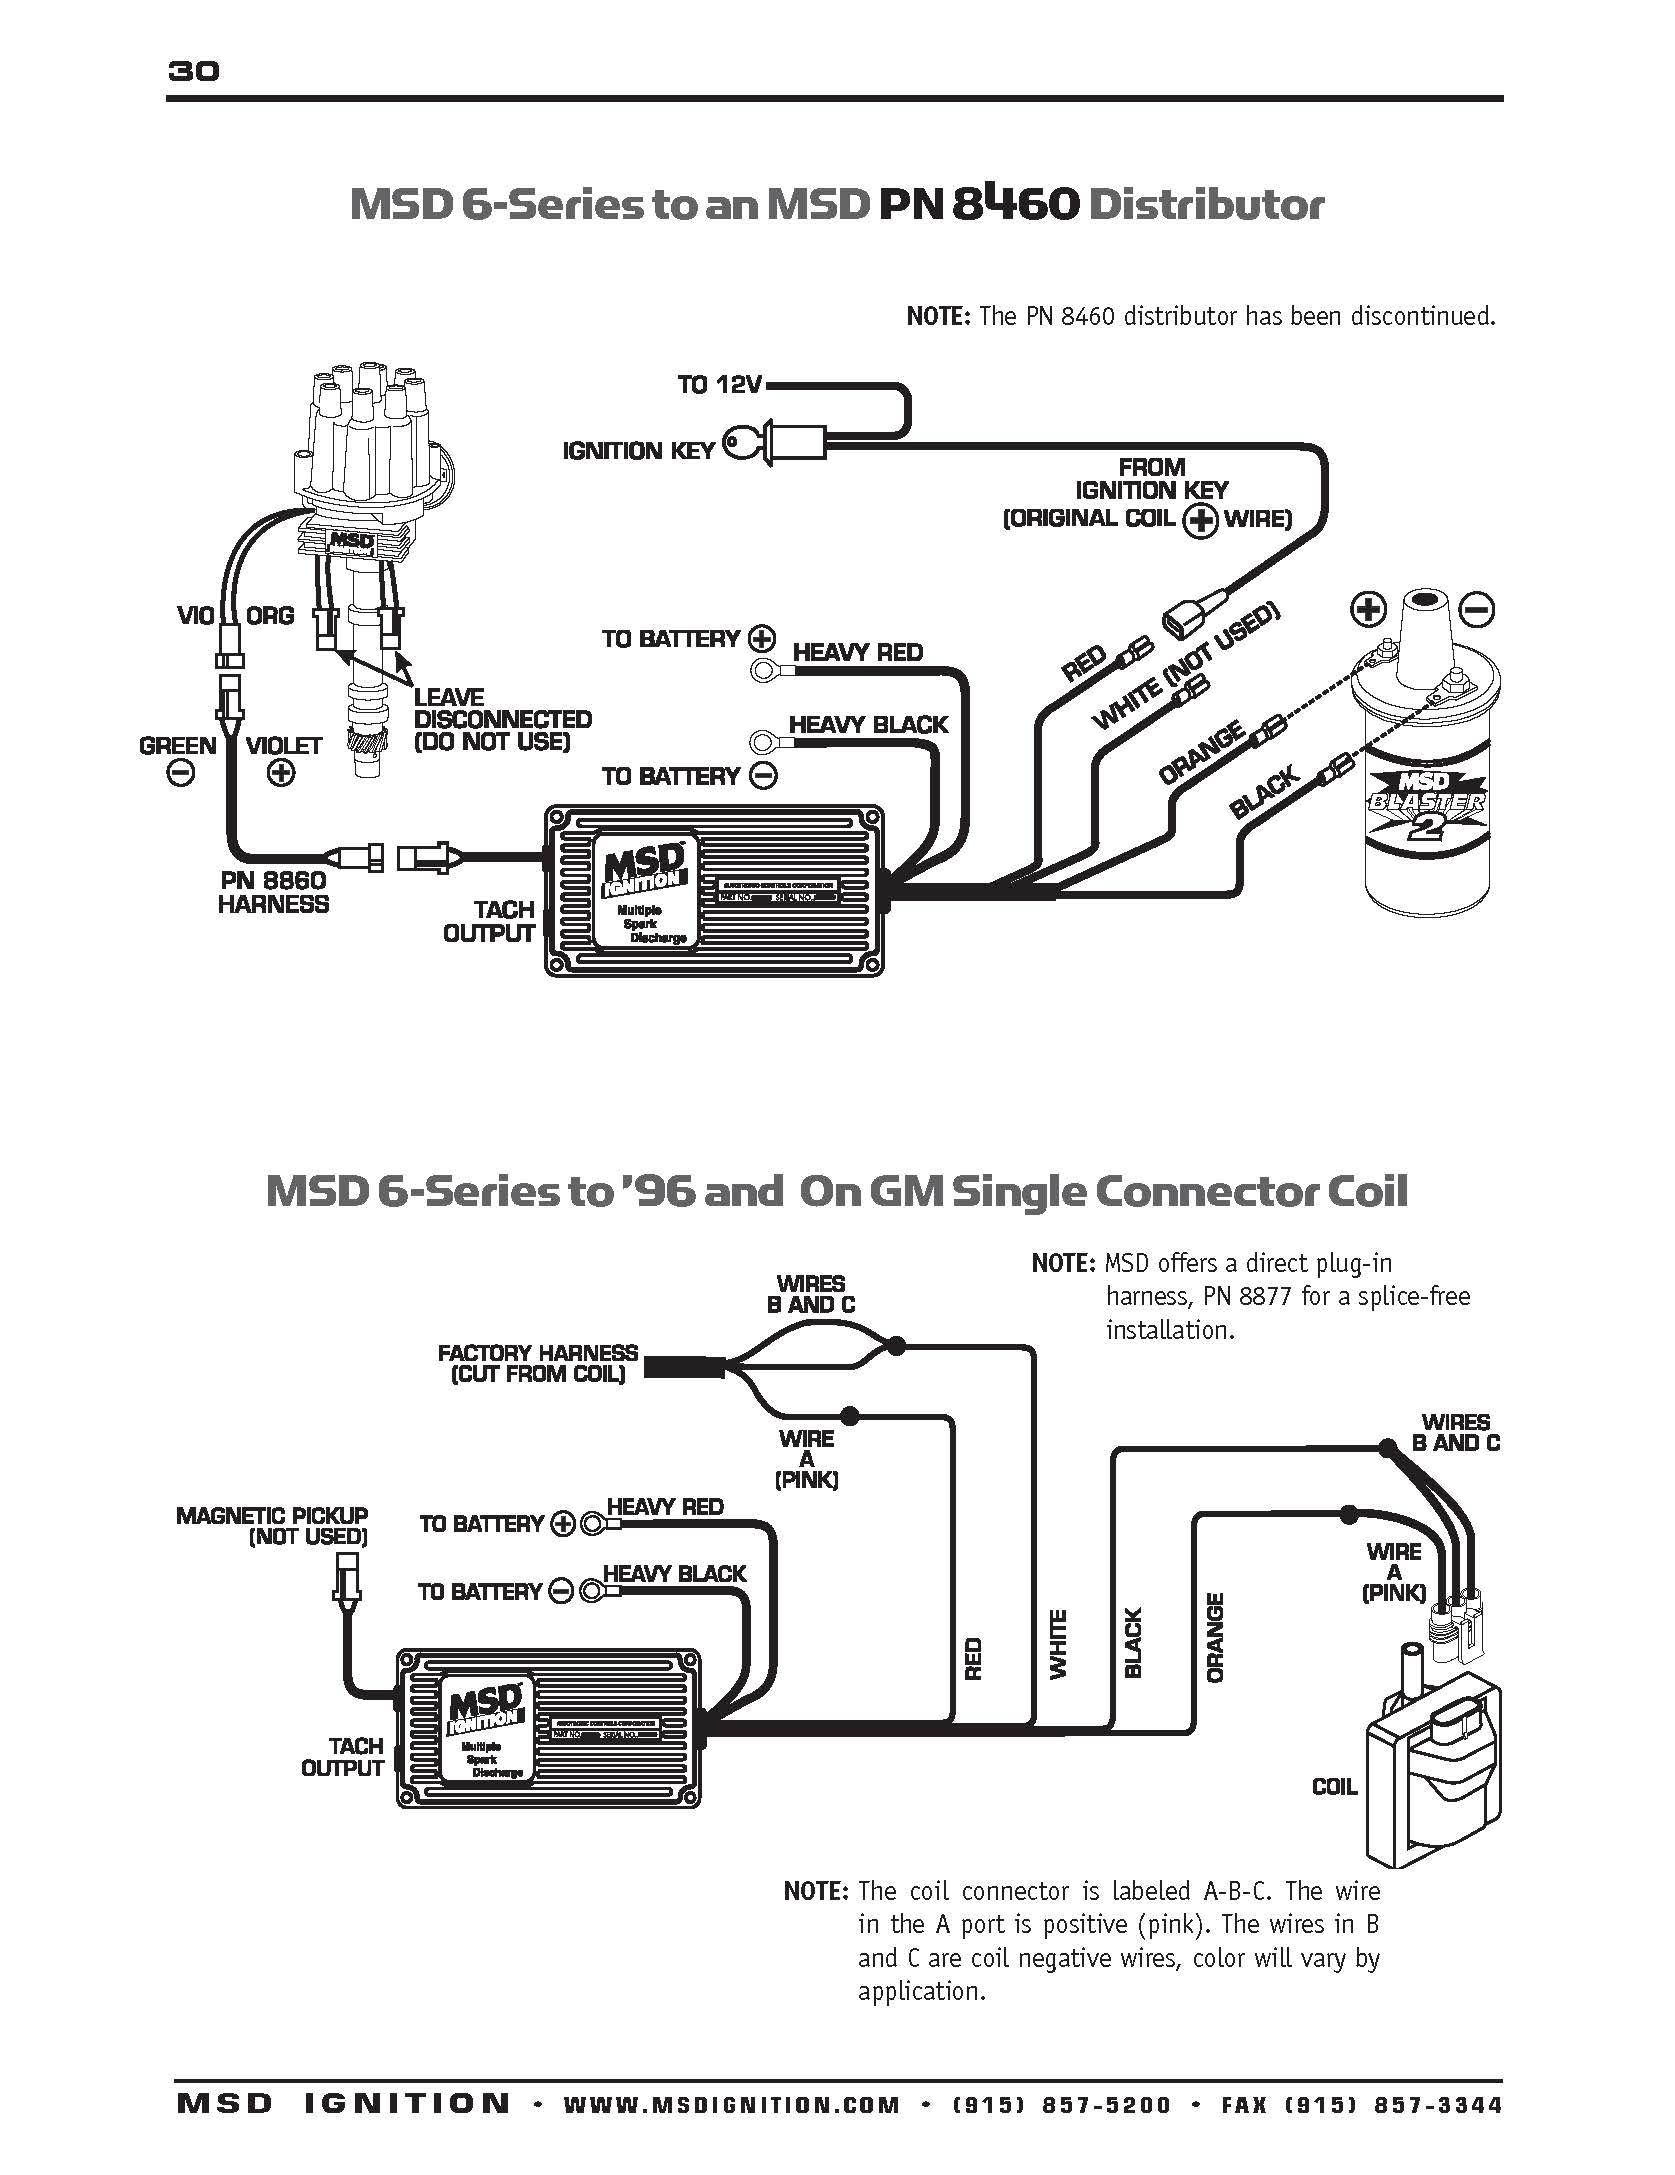 Msd Wiring Diagram - Wiring Diagrams Hubs - Msd Ignition Wiring Diagram